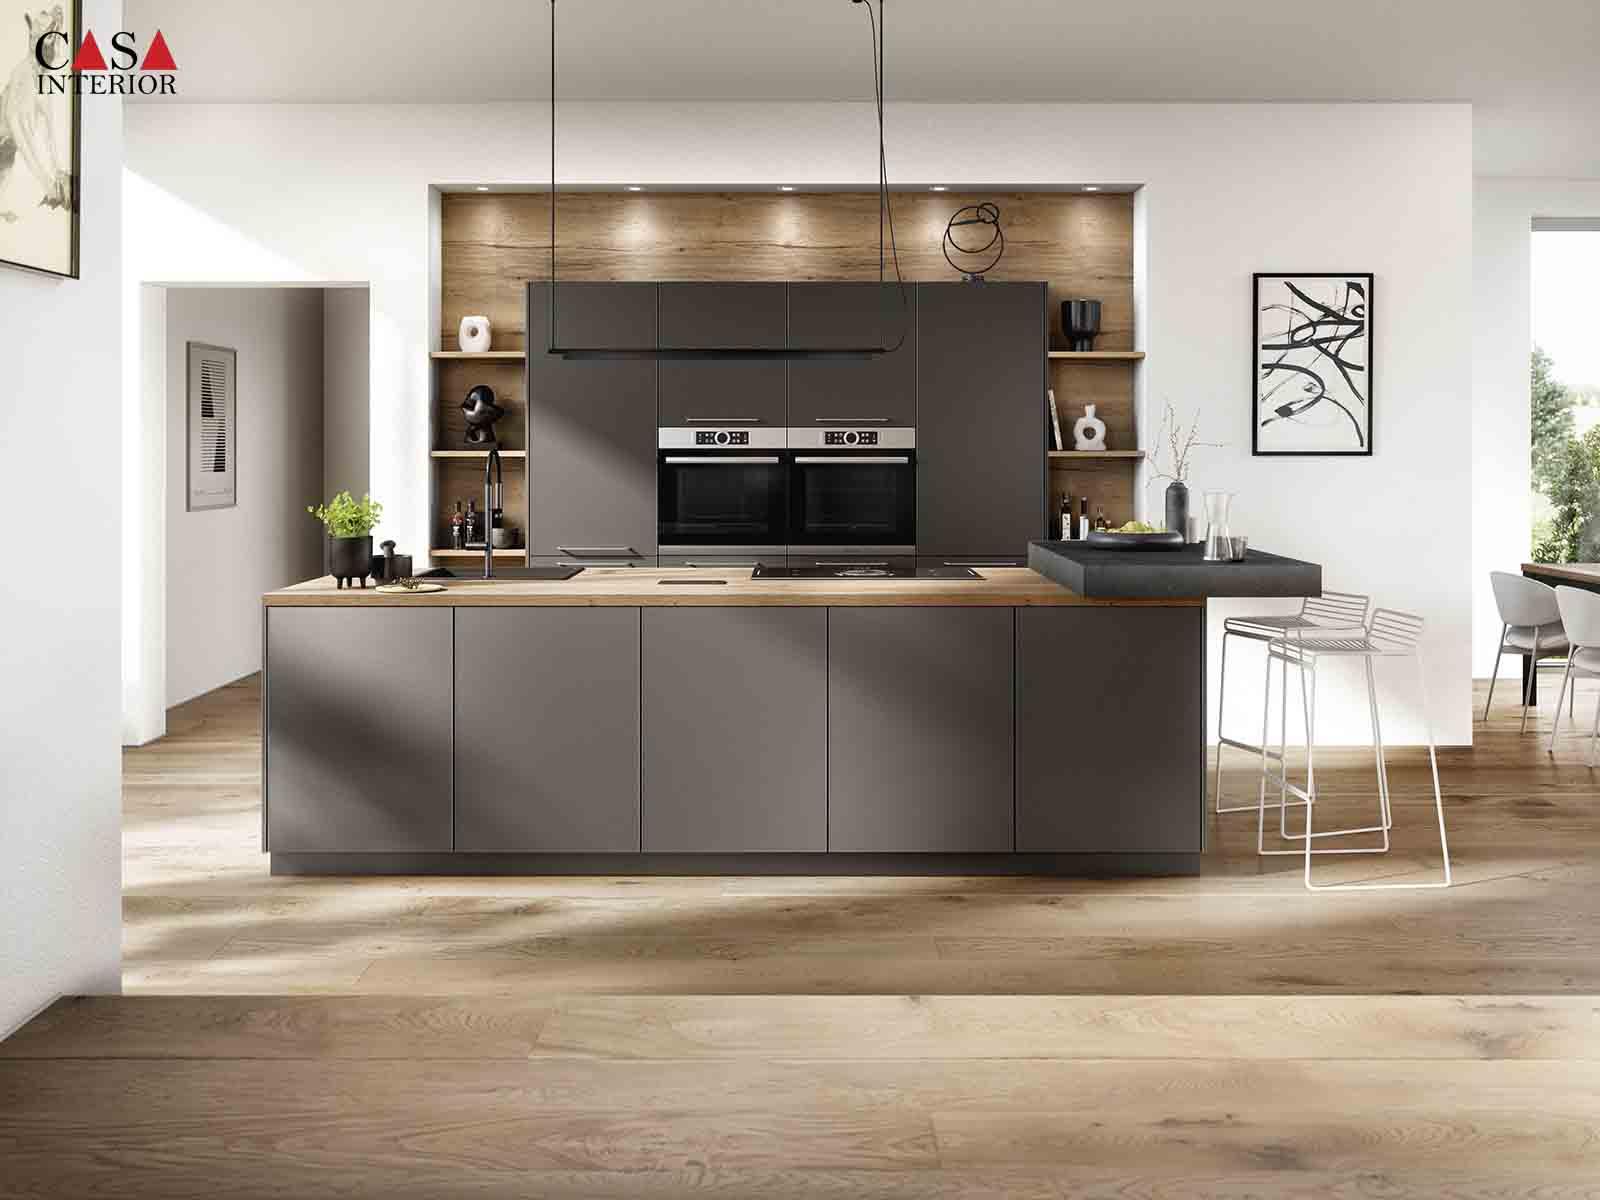 Modern Kitchen Küchentime Artis 937